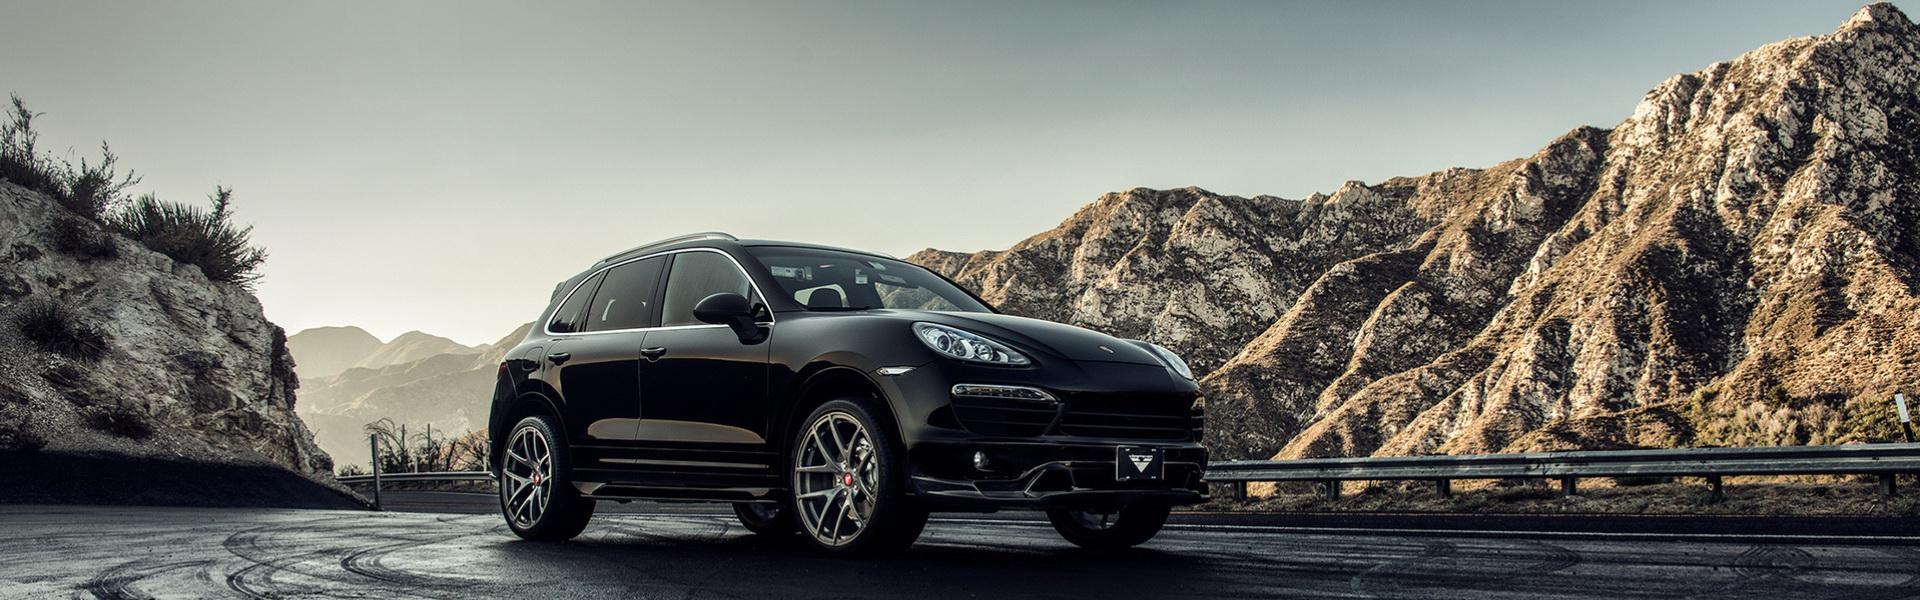 Купить авто в симферополе новое в кредит